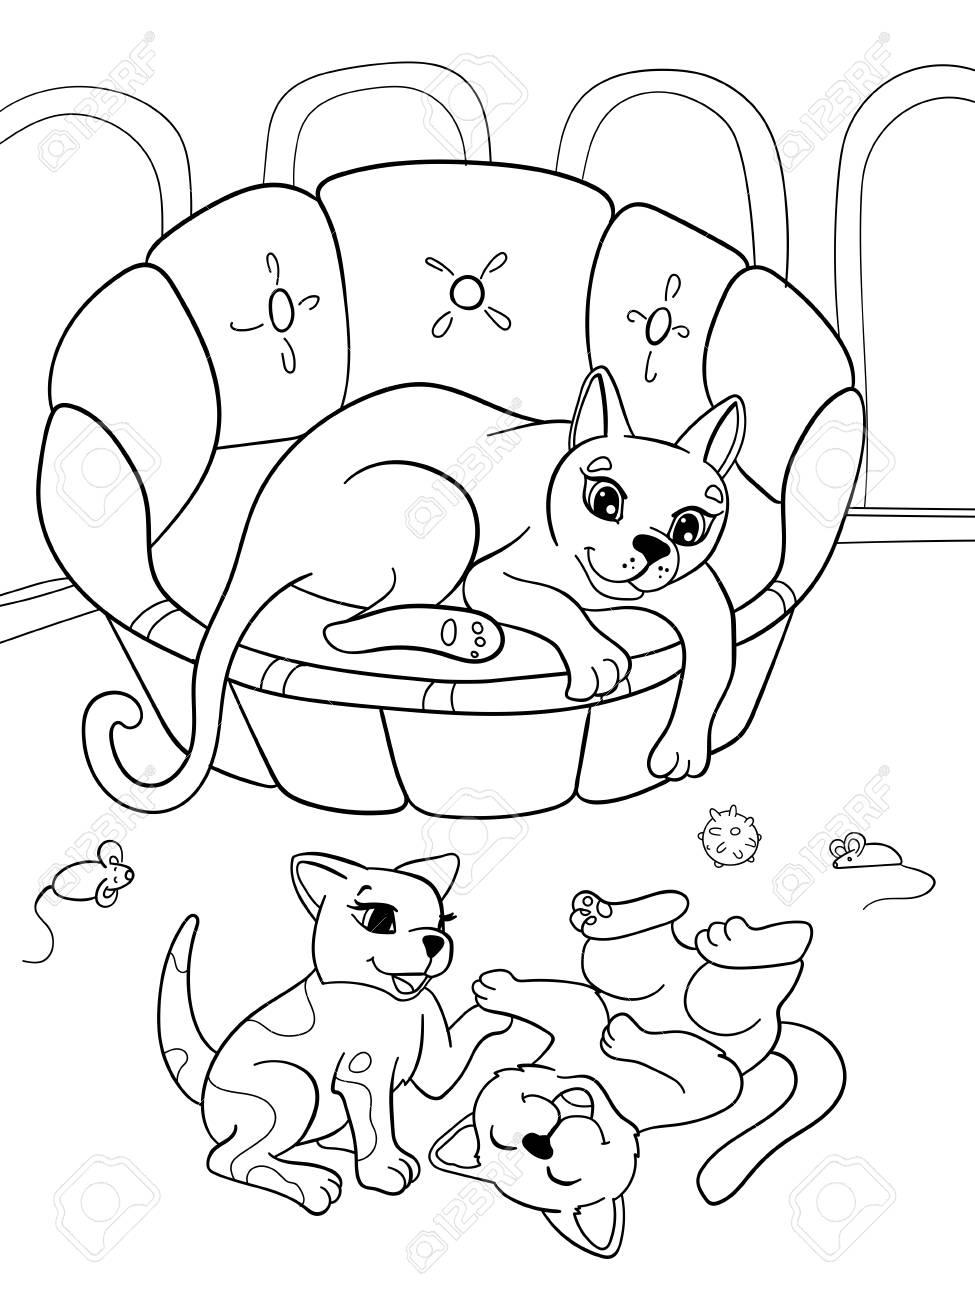 Niños Para Colorear Familia De Dibujos Animados De Libro En La Naturaleza Mamá Gato Y Gatitos Niños